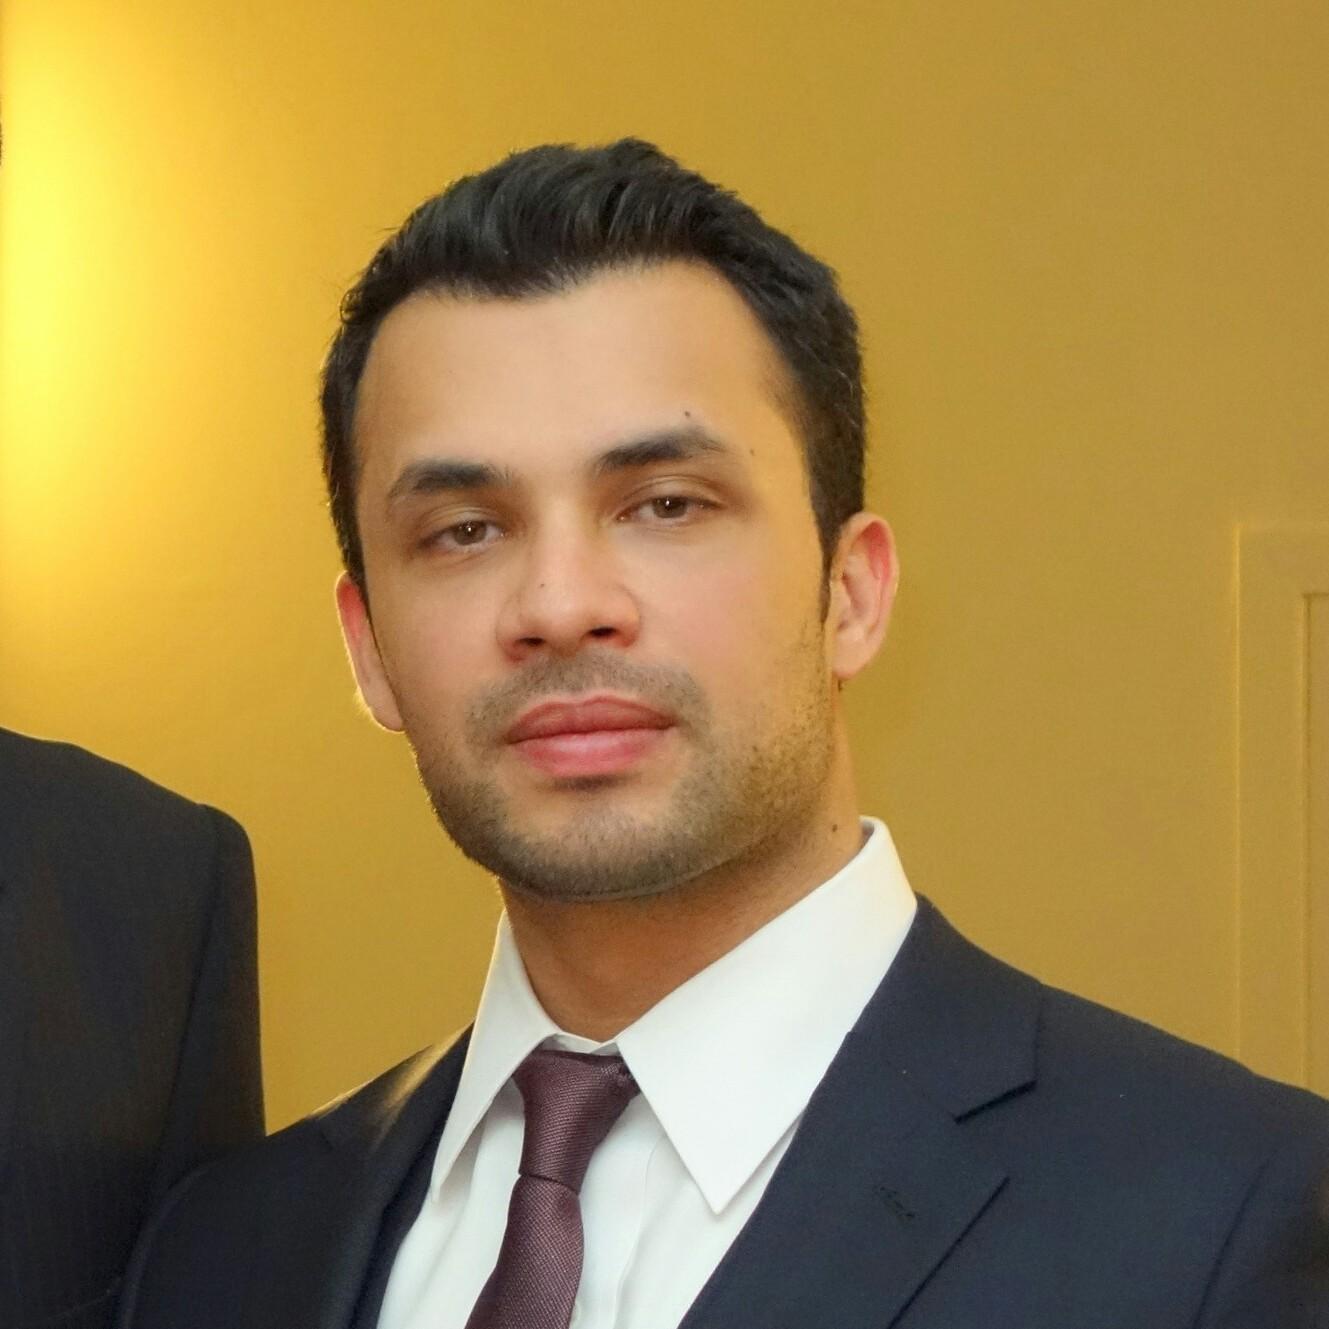 Humaam Rahman